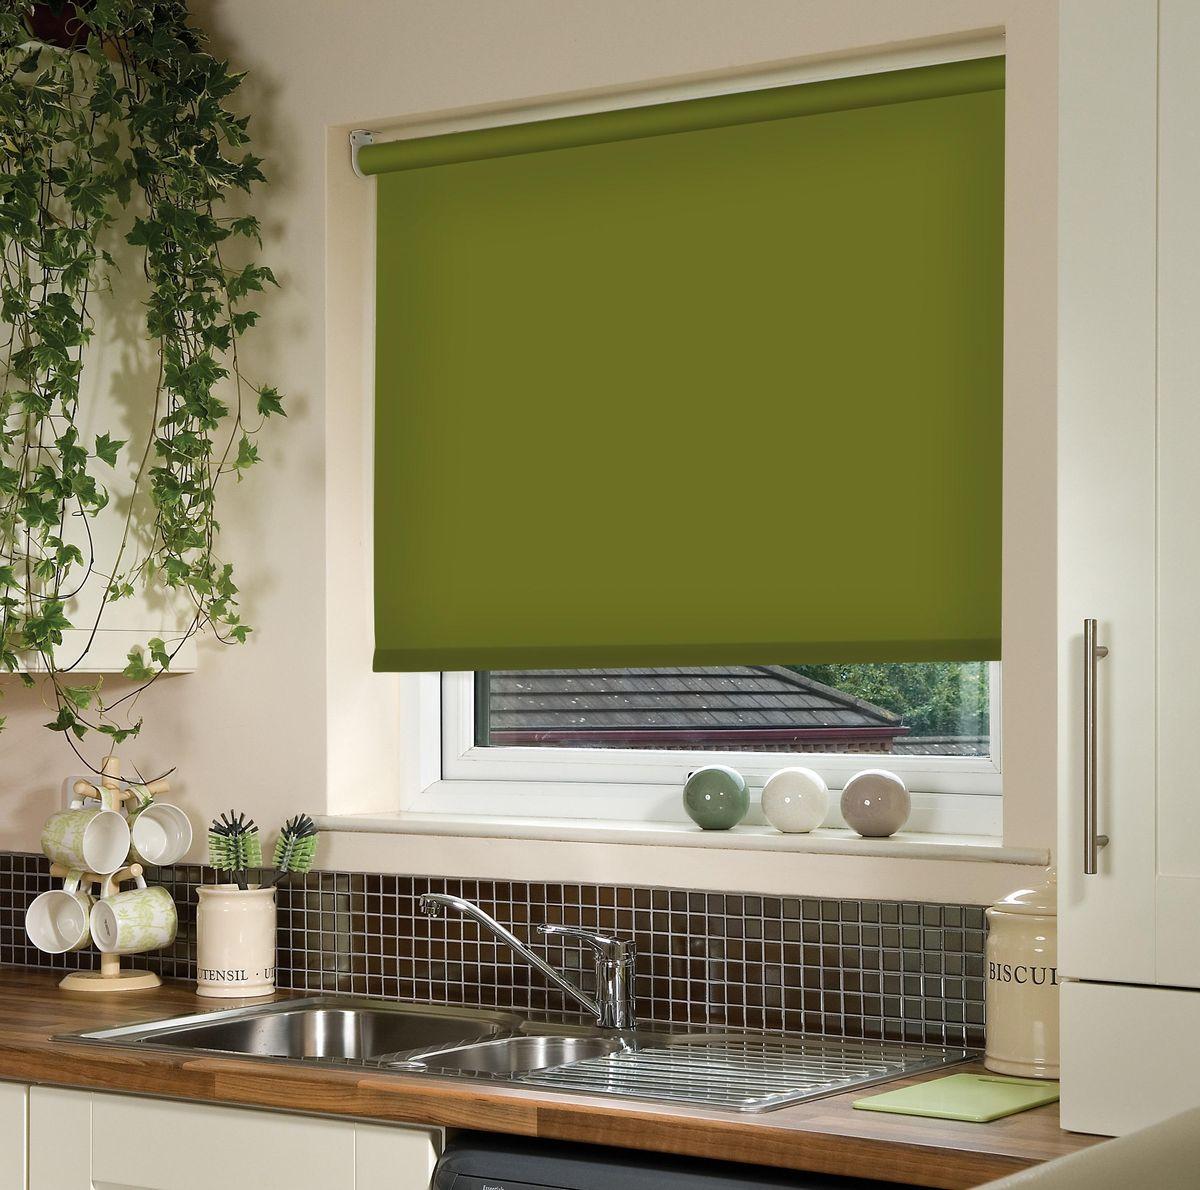 Штора рулонная Эскар, цвет: темно-оливковый, ширина 160 см, высота 170 см81018160170Рулонными шторами можно оформлять окна как самостоятельно, так и использовать в комбинации с портьерами. Это поможет предотвратить выгорание дорогой ткани на солнце и соединит функционал рулонных с красотой навесных. Преимущества применения рулонных штор для пластиковых окон: - имеют прекрасный внешний вид: многообразие и фактурность материала изделия отлично смотрятся в любом интерьере; - многофункциональны: есть возможность подобрать шторы способные эффективно защитить комнату от солнца, при этом о на не будет слишком темной. - Есть возможность осуществить быстрый монтаж. ВНИМАНИЕ! Размеры ширины изделия указаны по ширине ткани! Во время эксплуатации не рекомендуется полностью разматывать рулон, чтобы не оторвать ткань от намоточного вала. В случае загрязнения поверхности ткани, чистку шторы проводят одним из способов, в зависимости от типа загрязнения: легкое поверхностное загрязнение можно удалить при помощи...